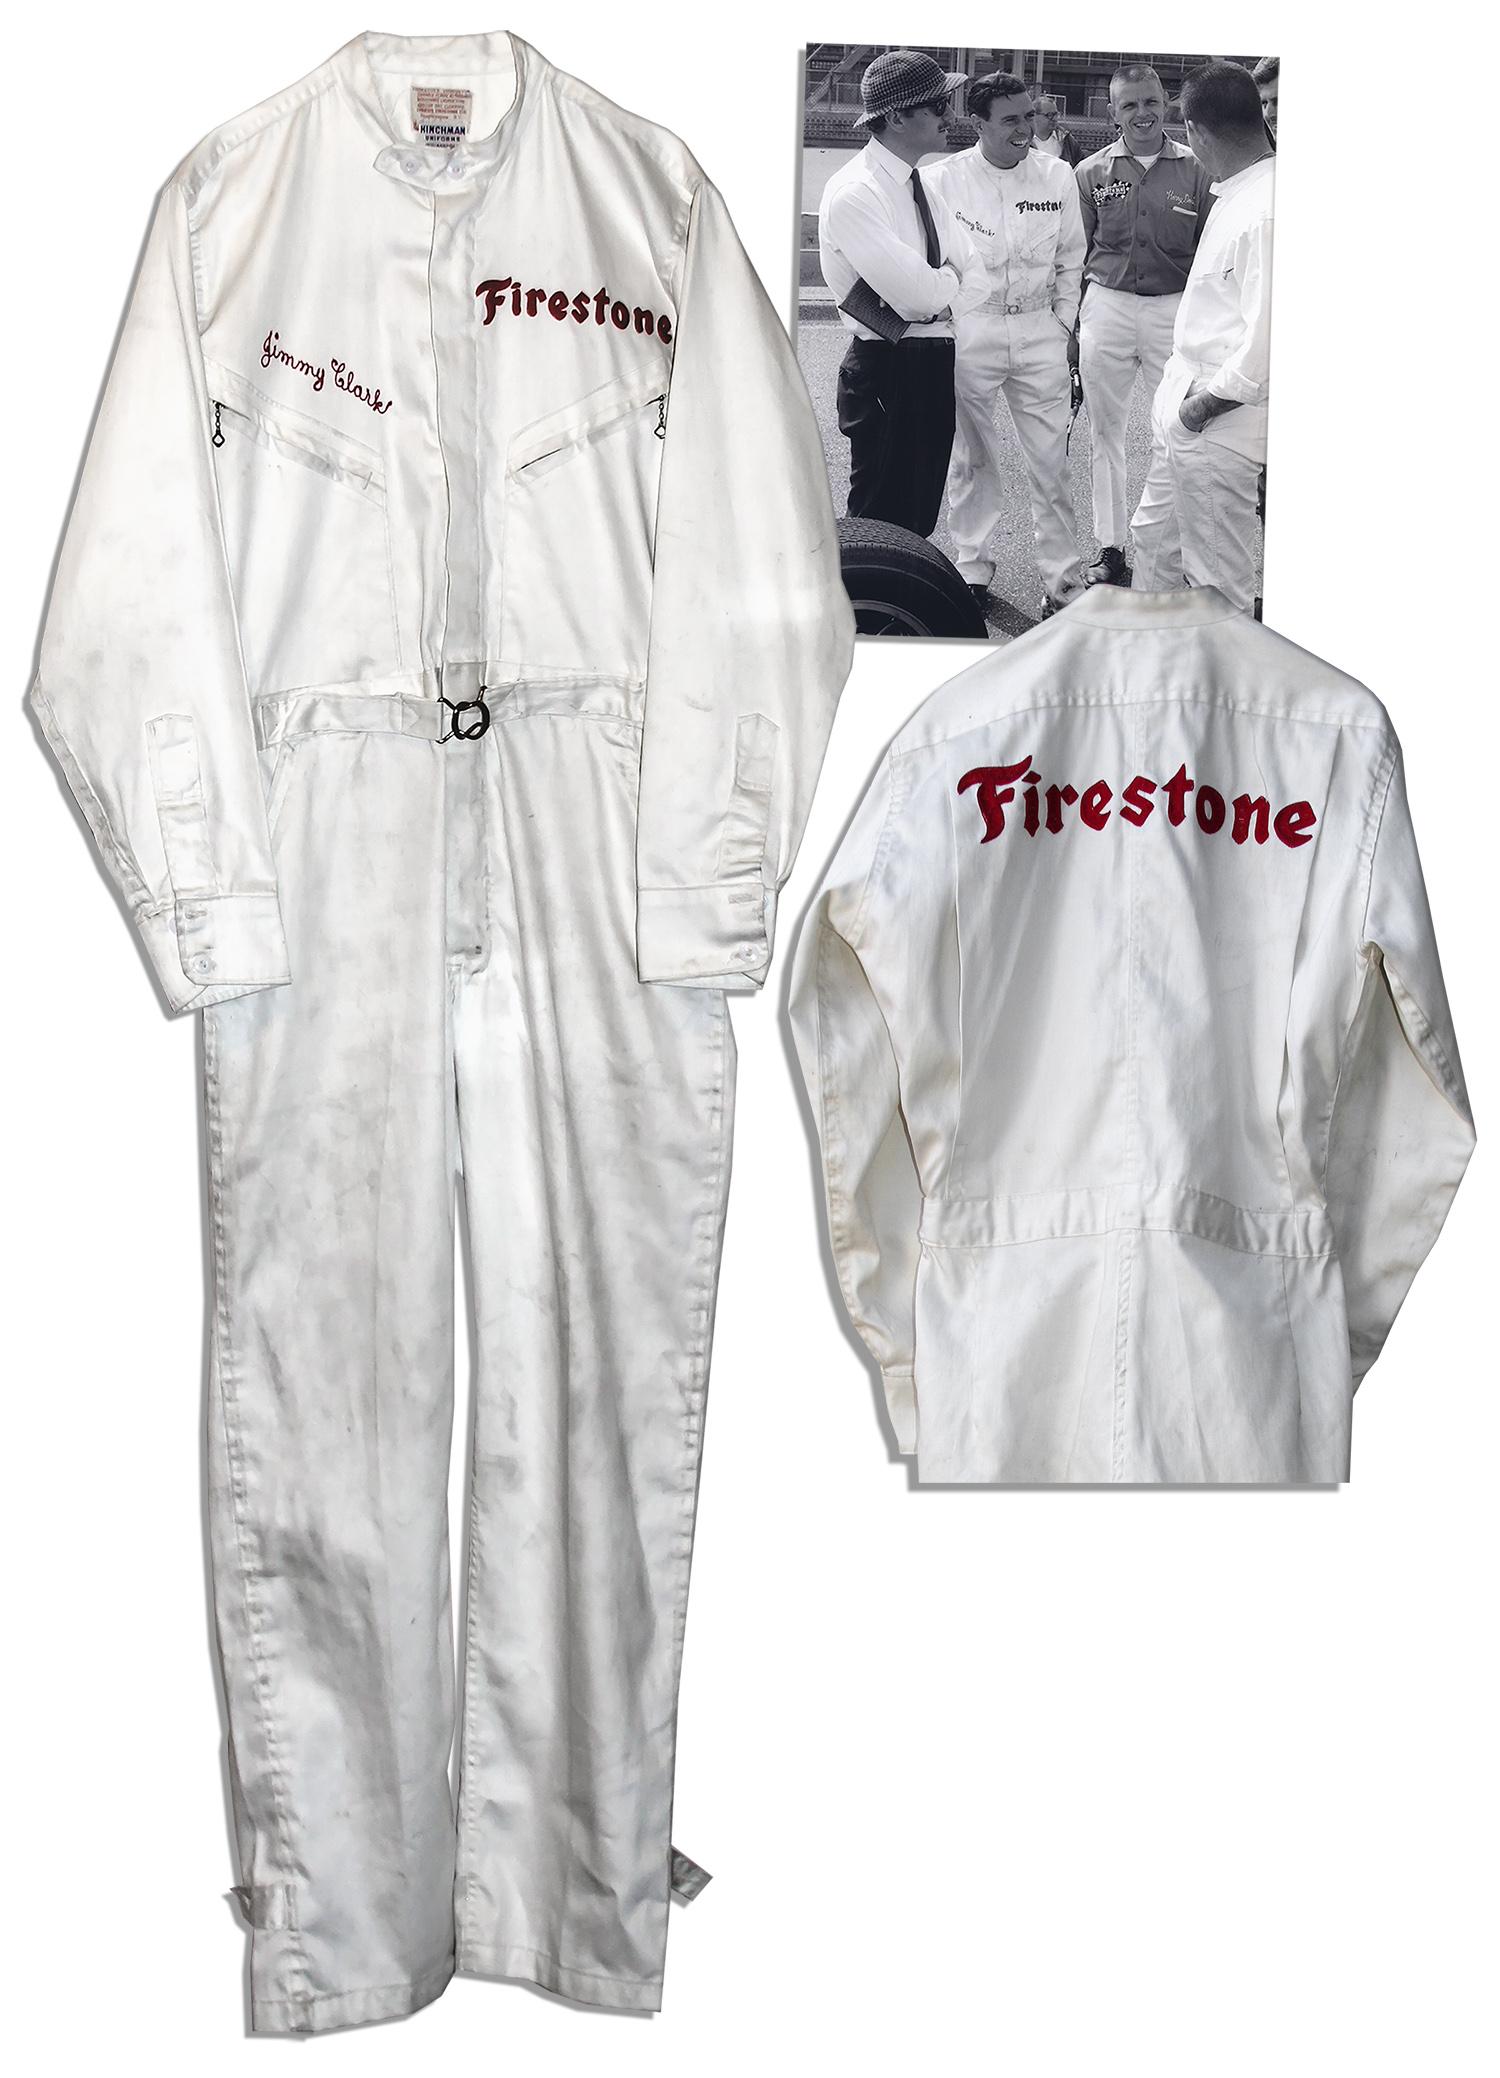 Jim Clark Worn Racing Suit